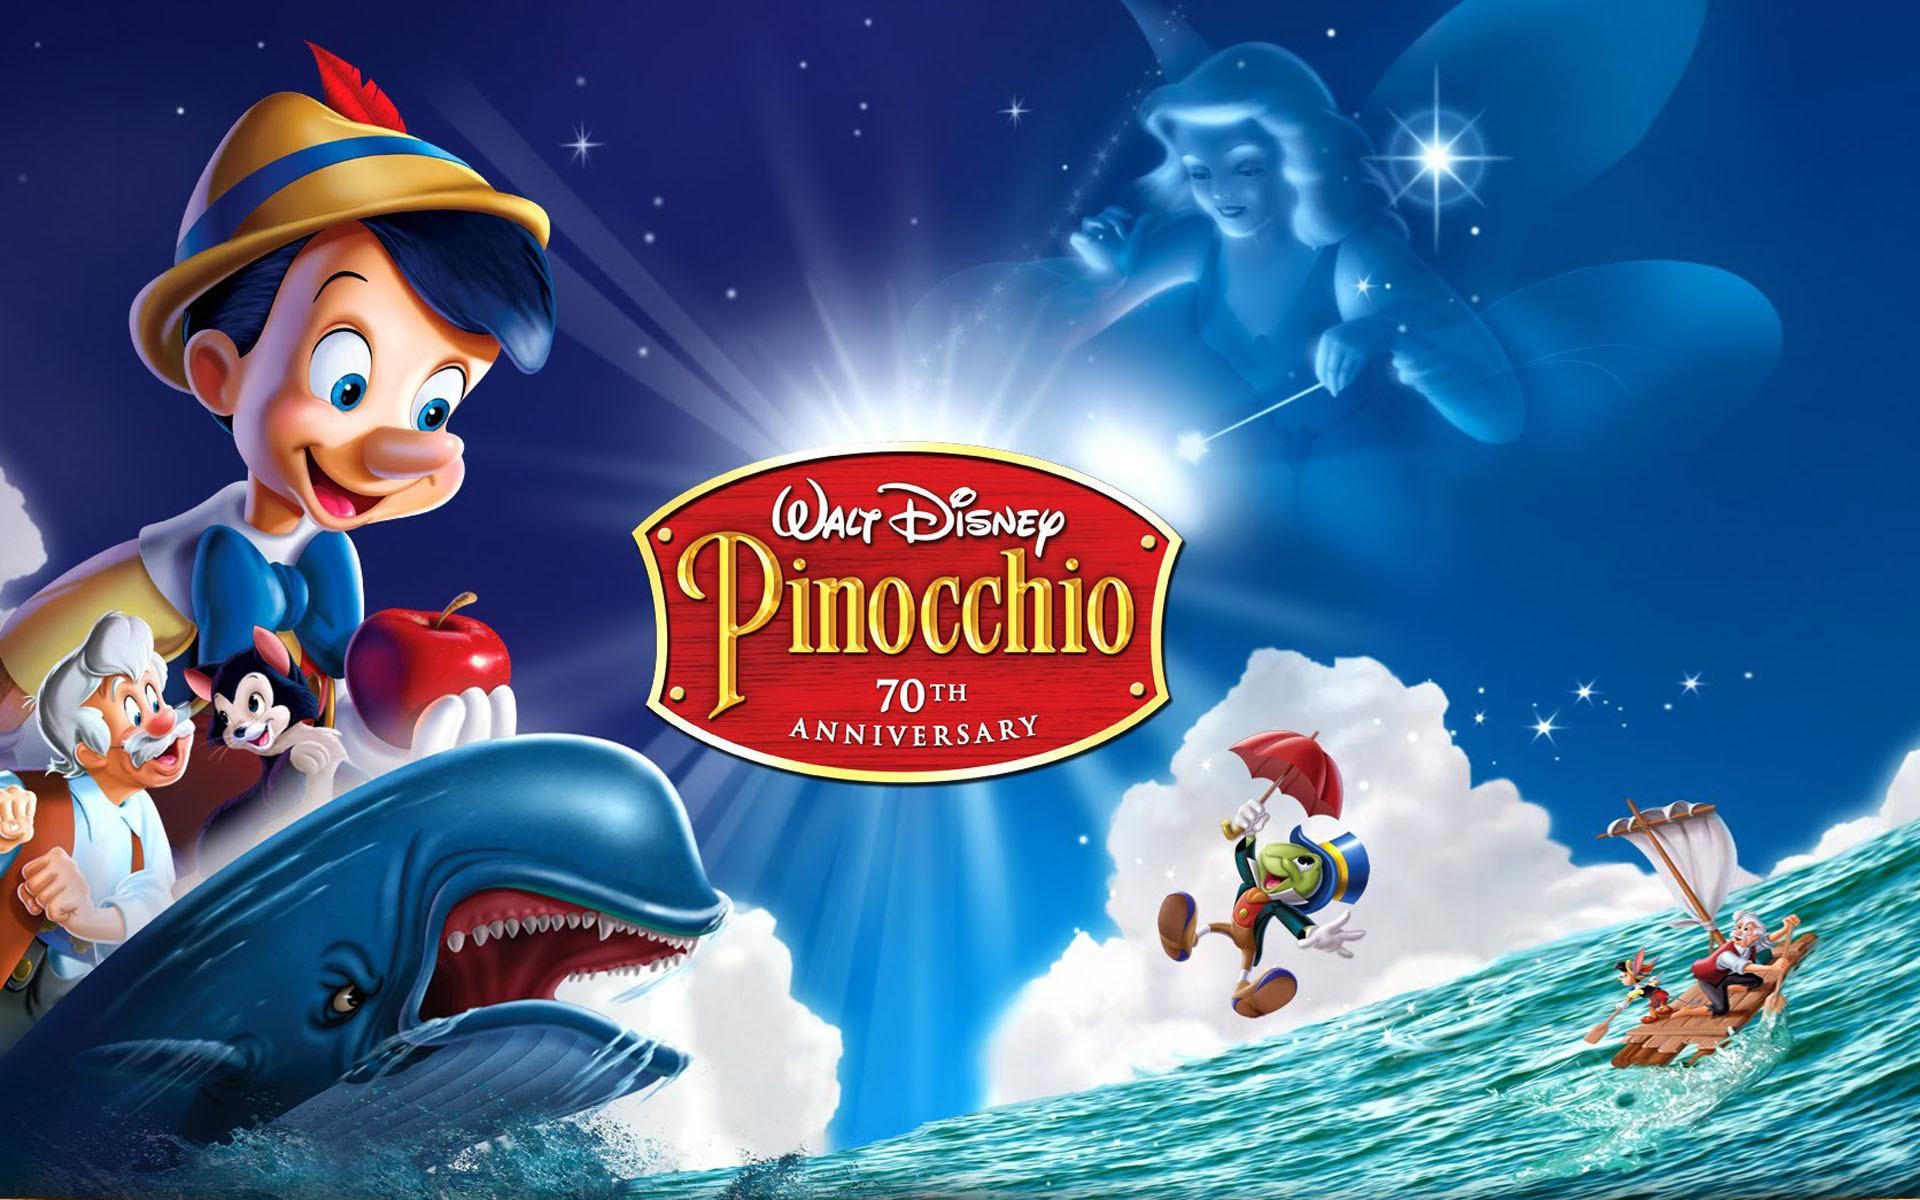 Walt Disney Pinocchio Fir.